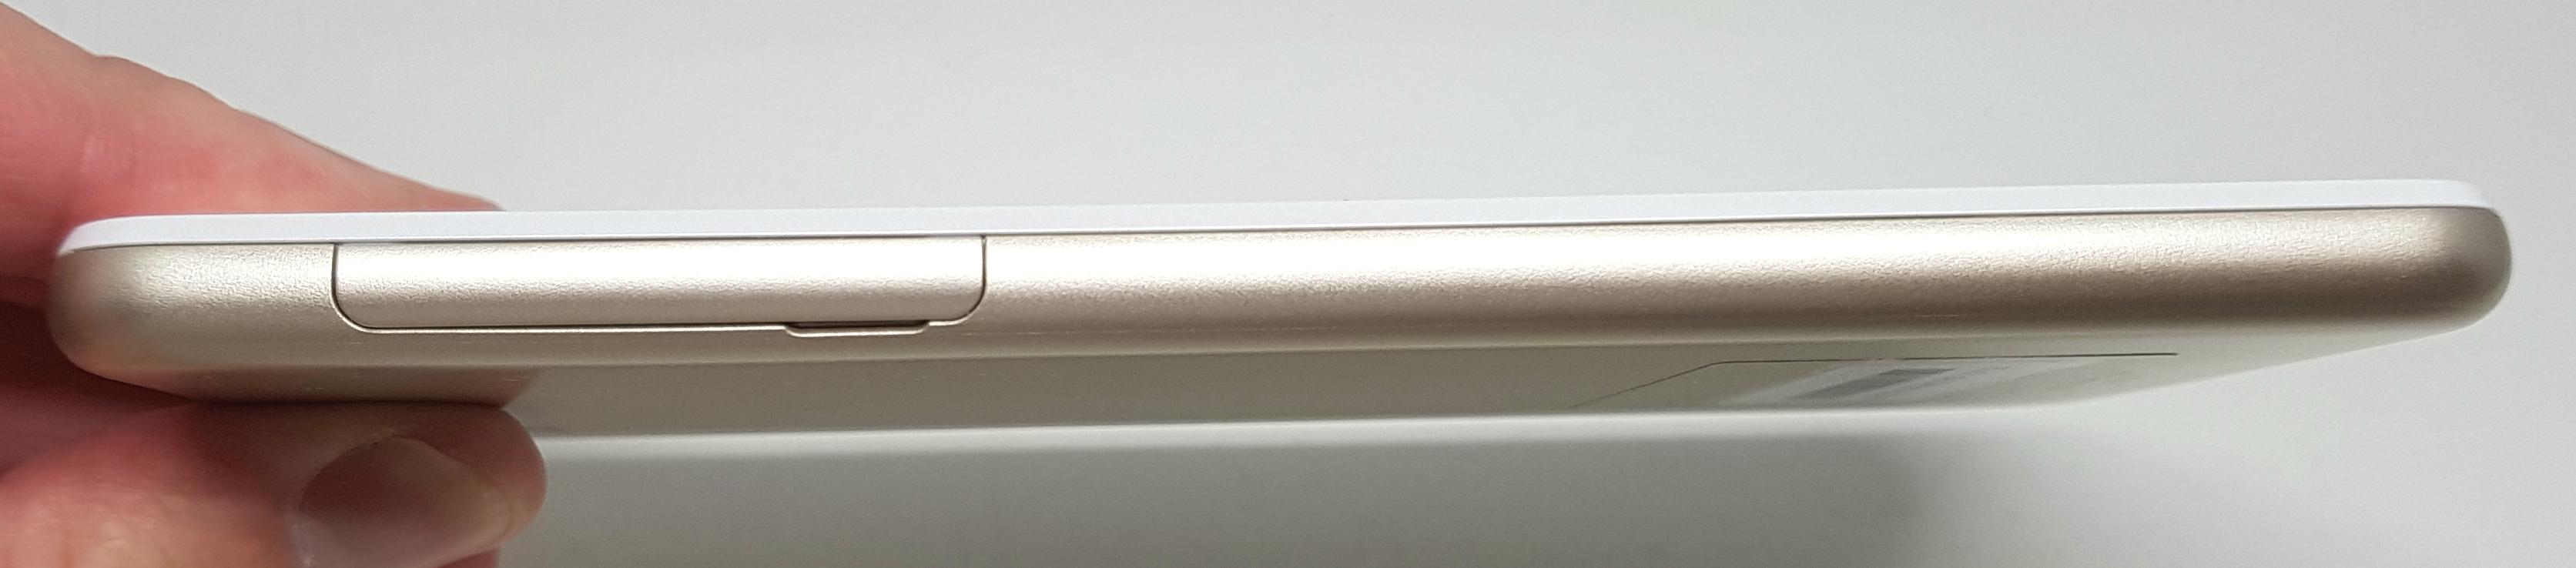 UQmobile最新スマホ「AQUOS L2」実機レビュー!安心の防水防塵対応、月々2,138円から利用可能!